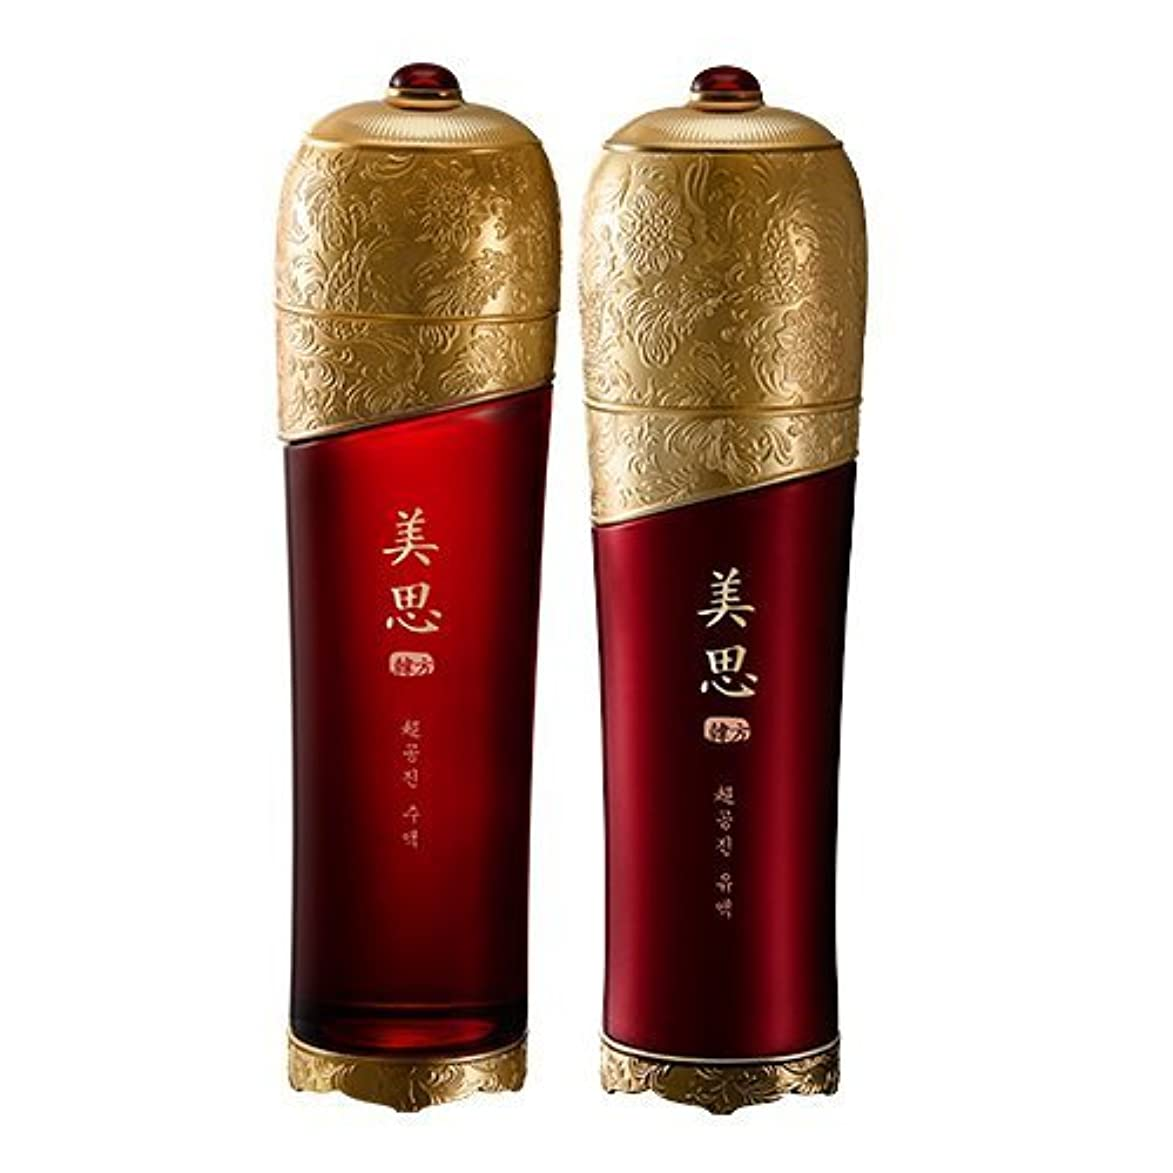 余計なパフMISSHA(ミシャ) 美思 韓方 チョゴンジン 基礎化粧品 スキンケア 化粧水+乳液=お得2種Set